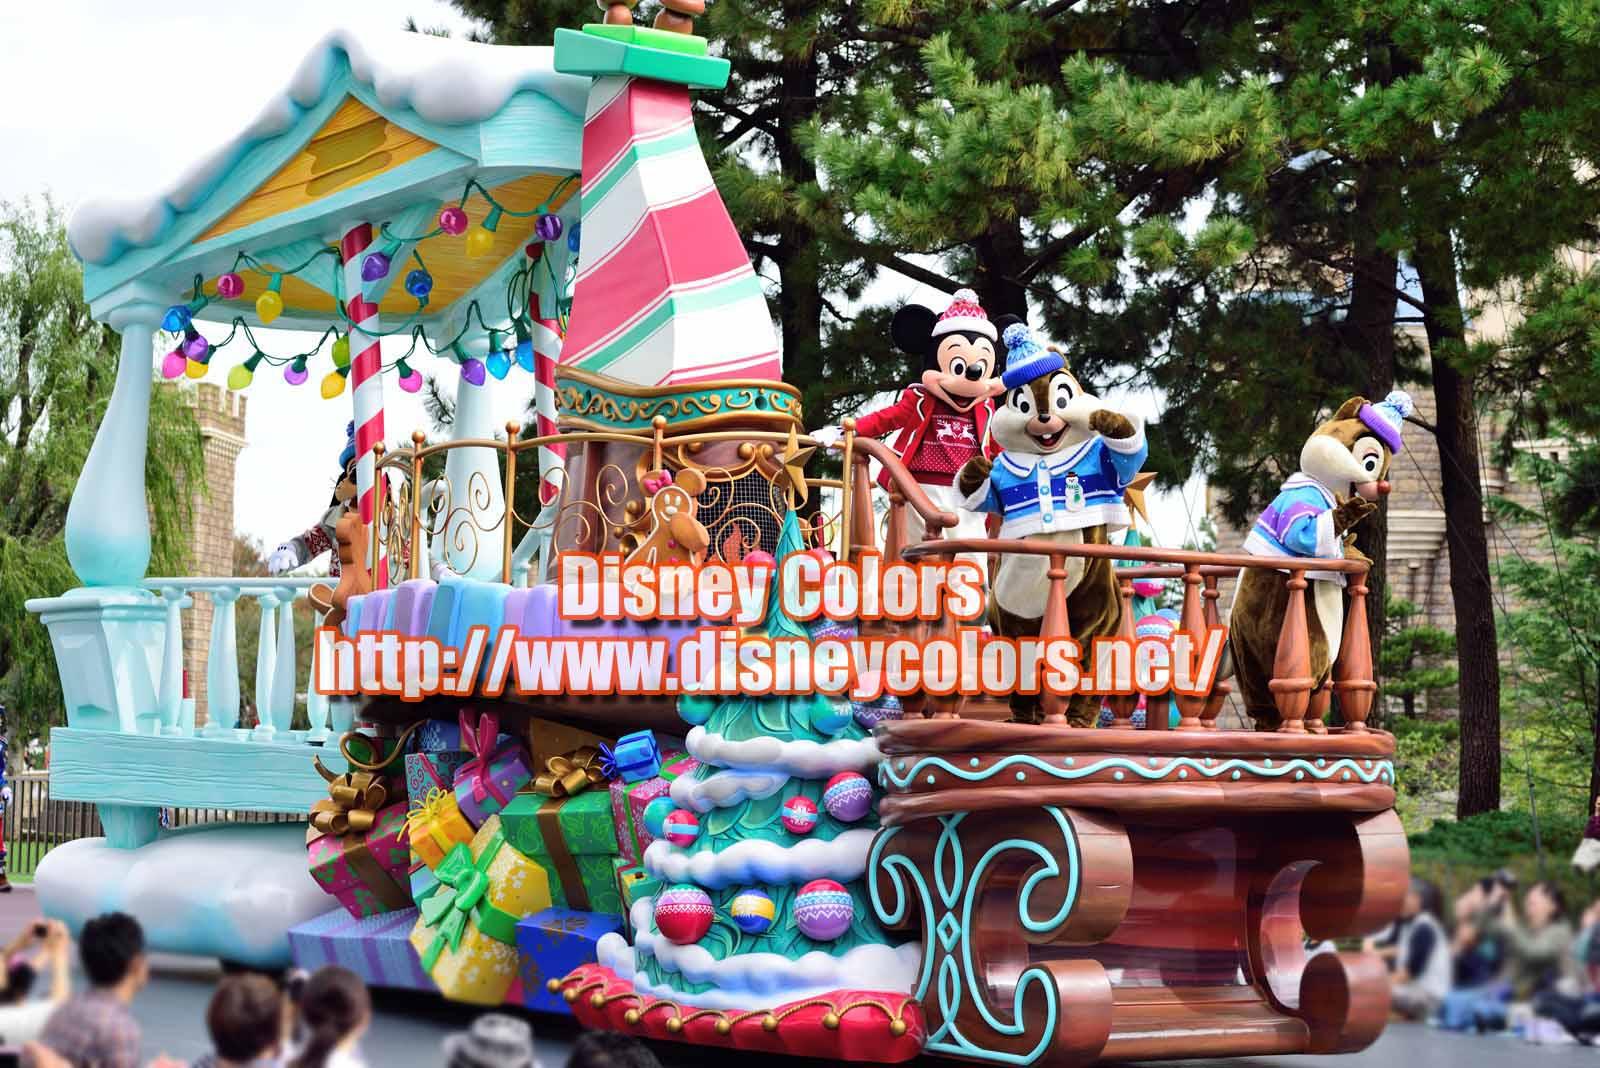 ディズニー・クリスマス・ストーリーズ2019 ミッキー ミニー グーフィー マックス チップ デール